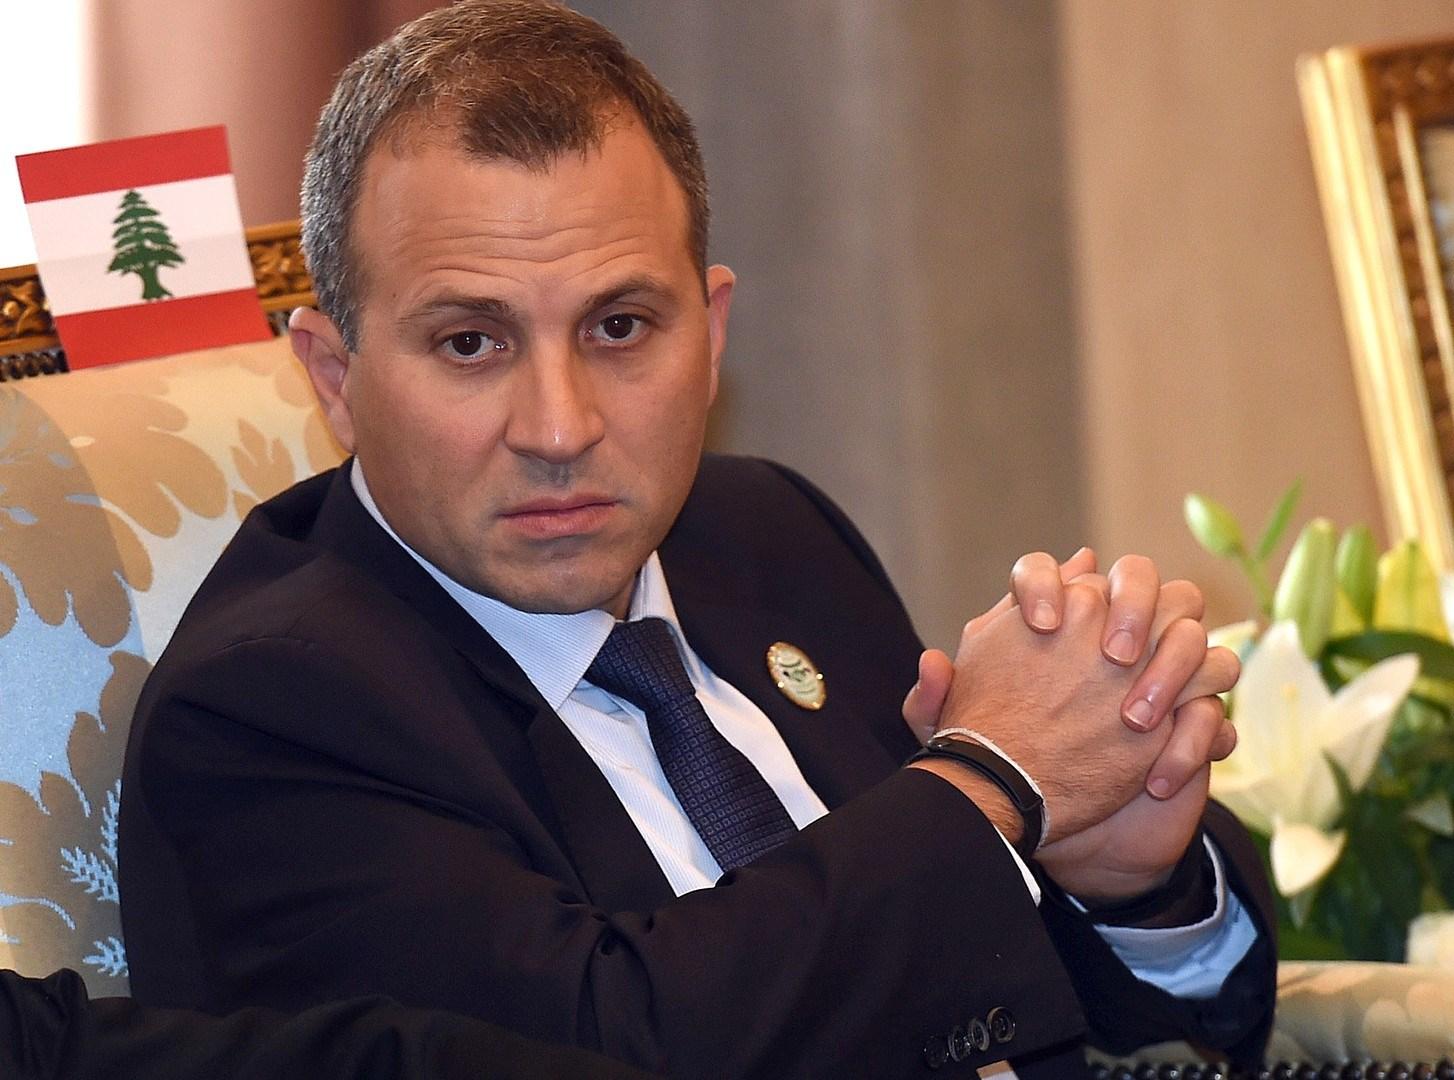 باسيل: نحن مع السلام العادل، والشامل، والدائم، وفقاً لمبادرة الملك عبدالله في بيروت